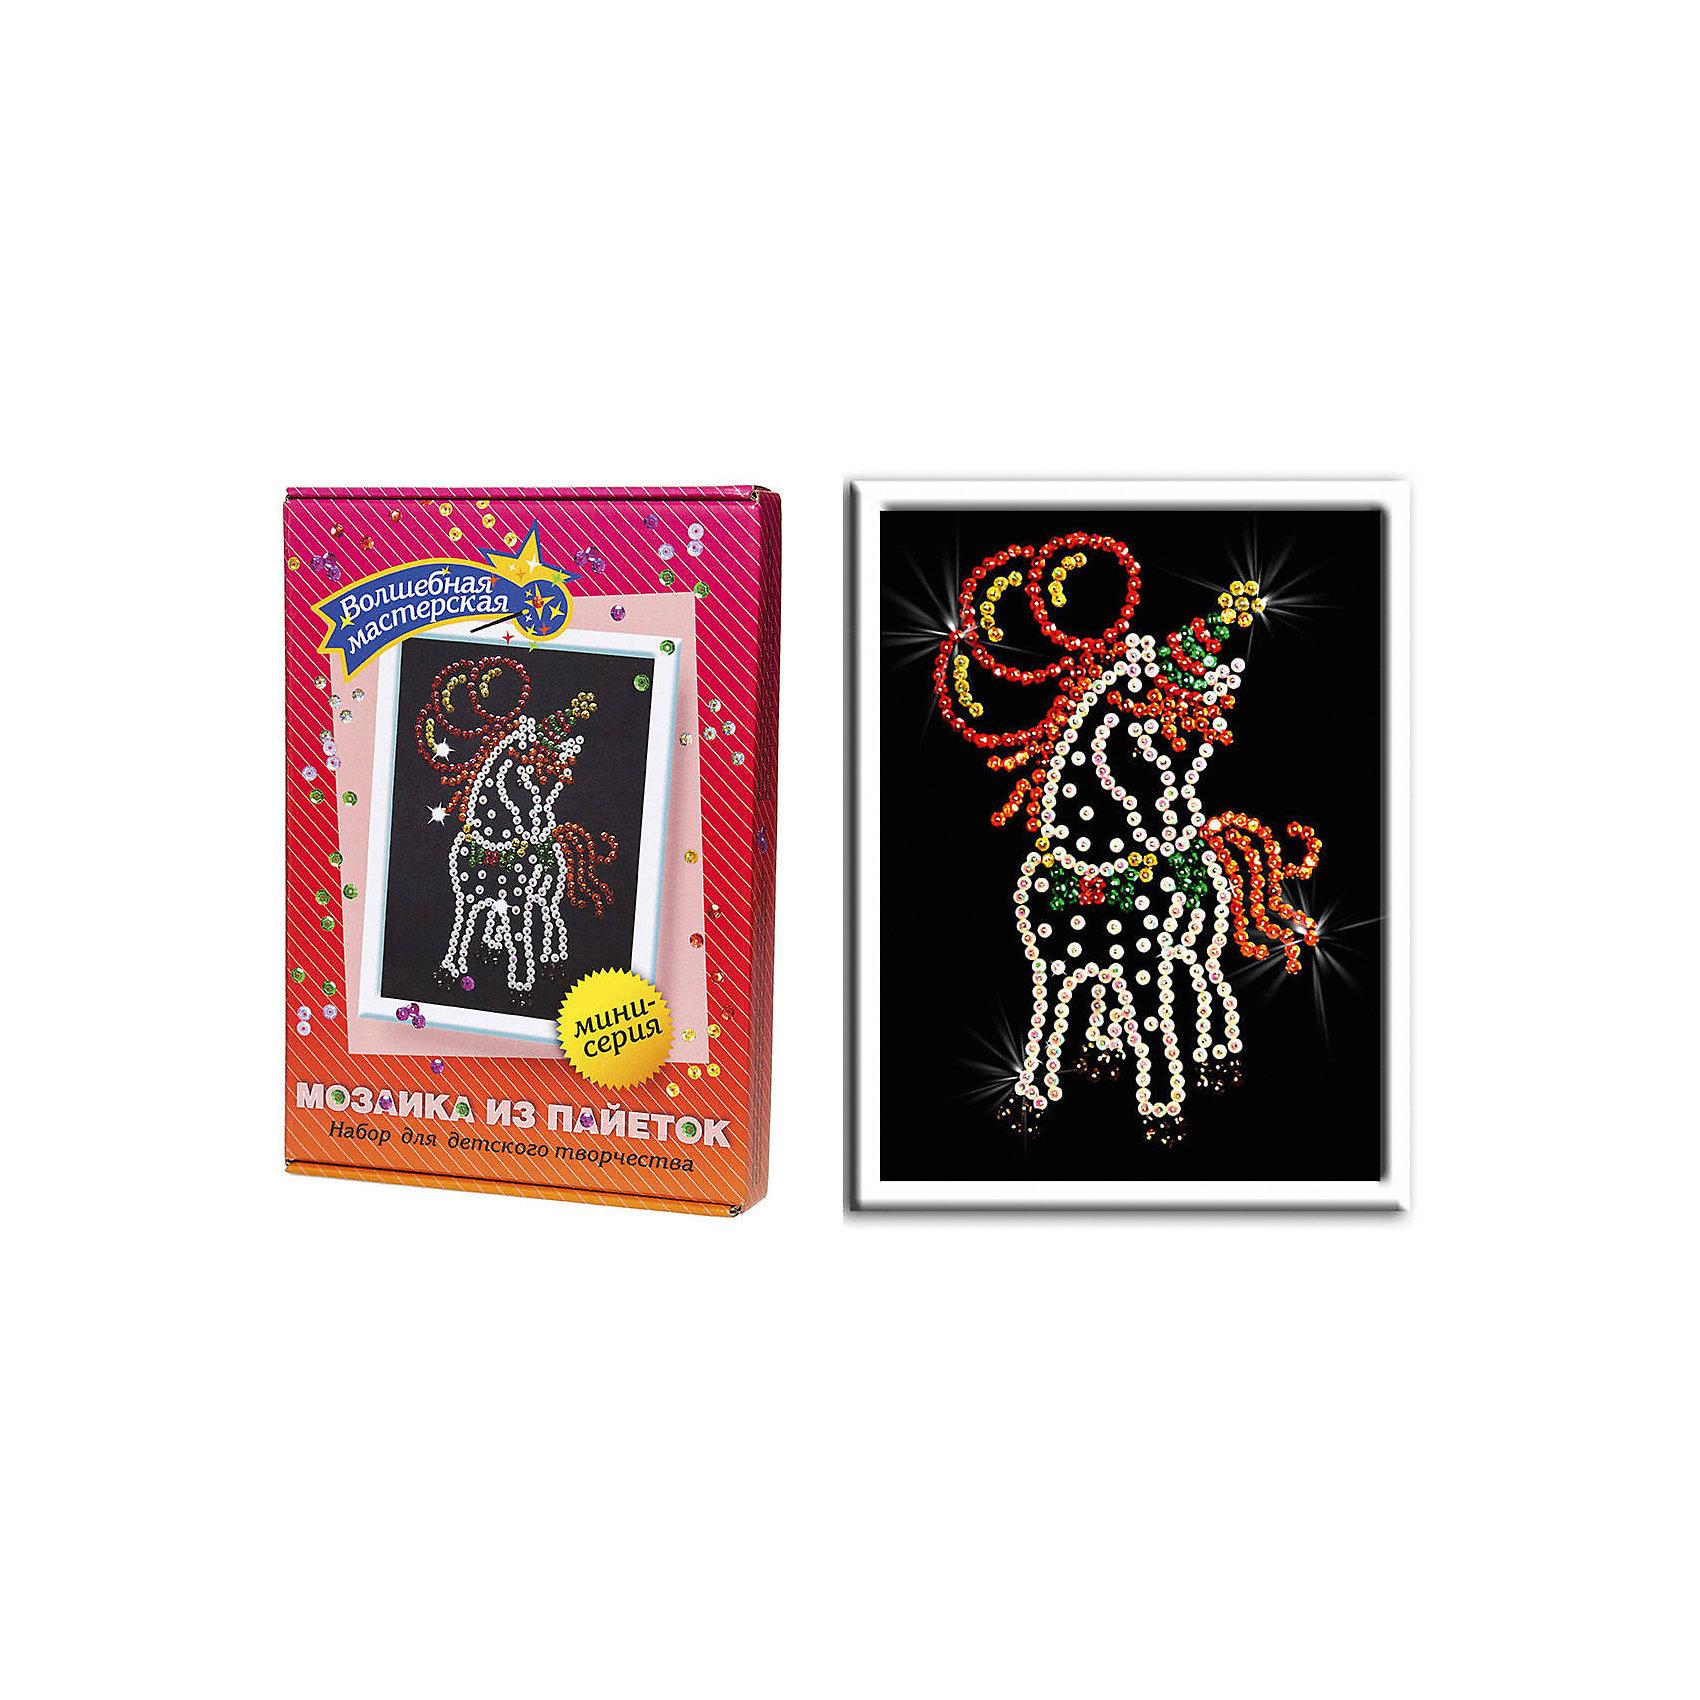 Мозаика из пайеток ЛошадкаНабор для детского творчества «Мозайка из пайеток» дарит возможность составить рисунок с бабочкой из пайеток. Пайтеки – это блестка, плоская чешуйка из блестящего материала, обычно круглой или многогранной формы и с отверстием для продевания нитки. Пайетка может иметь различную окраску. <br>Набор способствует развитию фантазии ребенка, мелкой моторики рук. Тренирует усидчивость и терпение, так как приходится работать с достаточно мелкими деталями. Подойдет как для домашних занятий творчеством так и для школьных.<br><br>Ширина мм: 375<br>Глубина мм: 34<br>Высота мм: 277<br>Вес г: 164<br>Возраст от месяцев: 36<br>Возраст до месяцев: 108<br>Пол: Унисекс<br>Возраст: Детский<br>SKU: 5075366